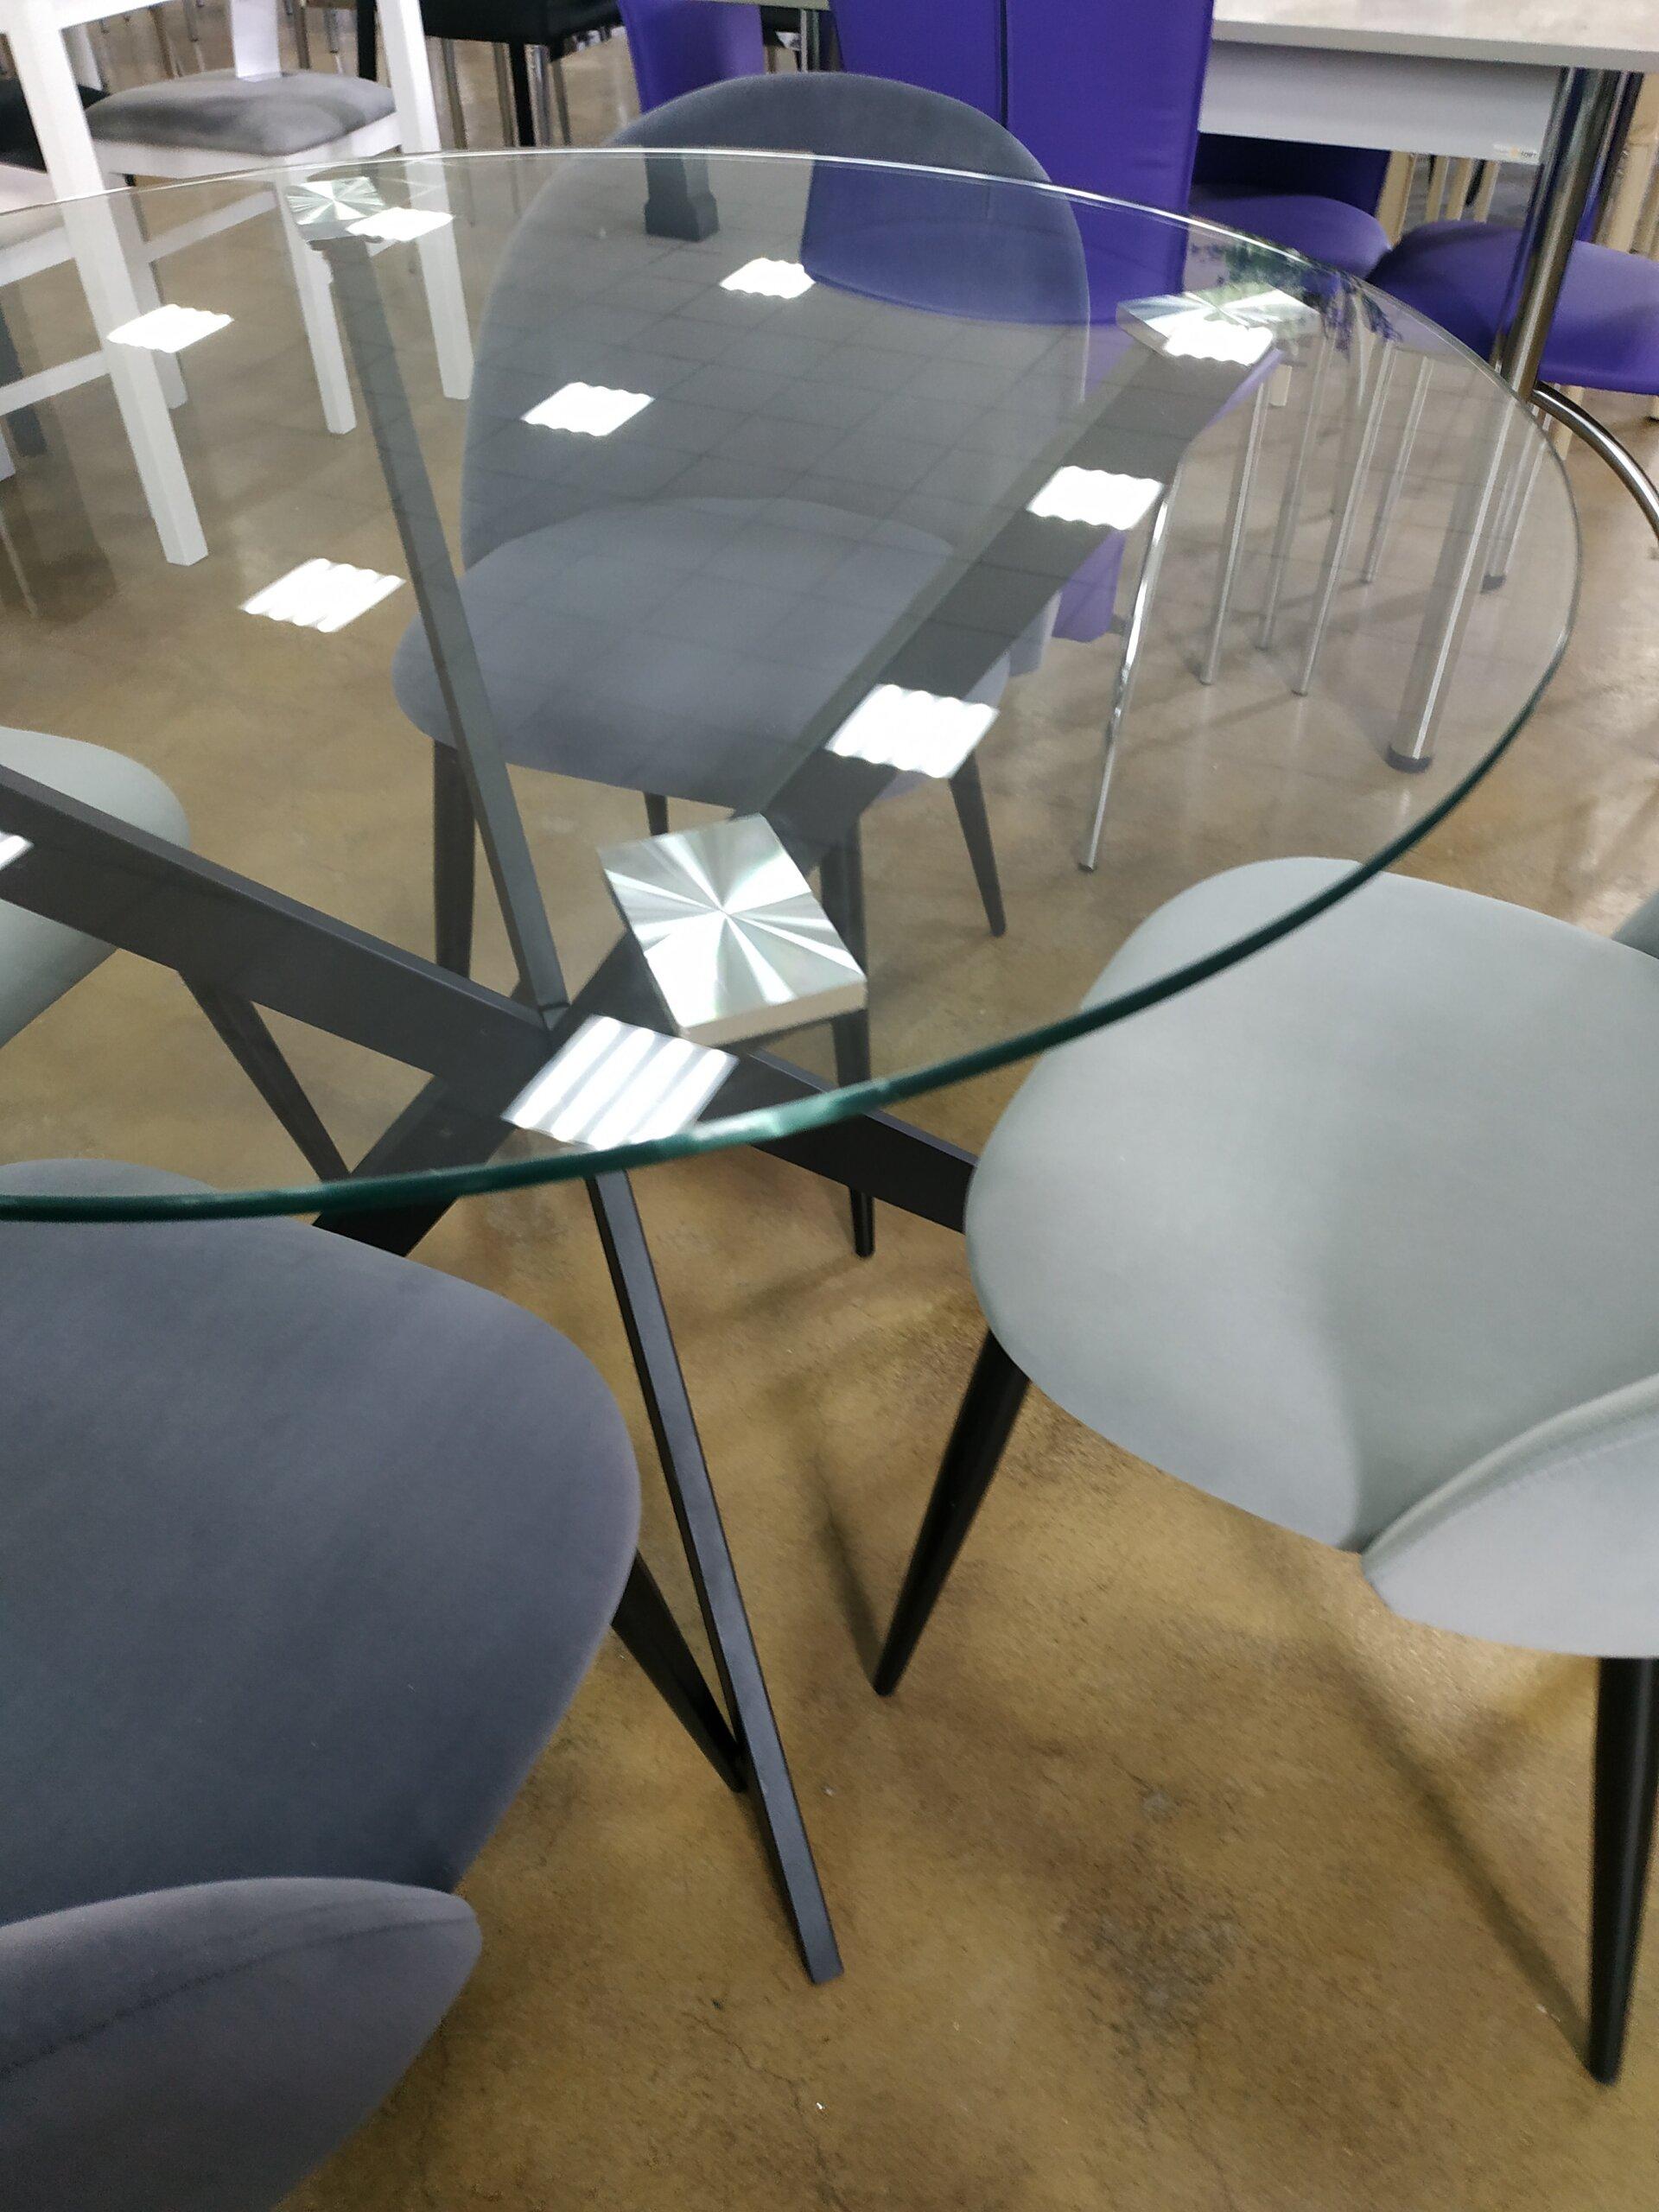 Обеденная группа: стол стеклянный Даллас, стул Сонг - фото pic_6f1a485f071d448fa08a2aa6cd269bf6_1920x9000_1.jpg